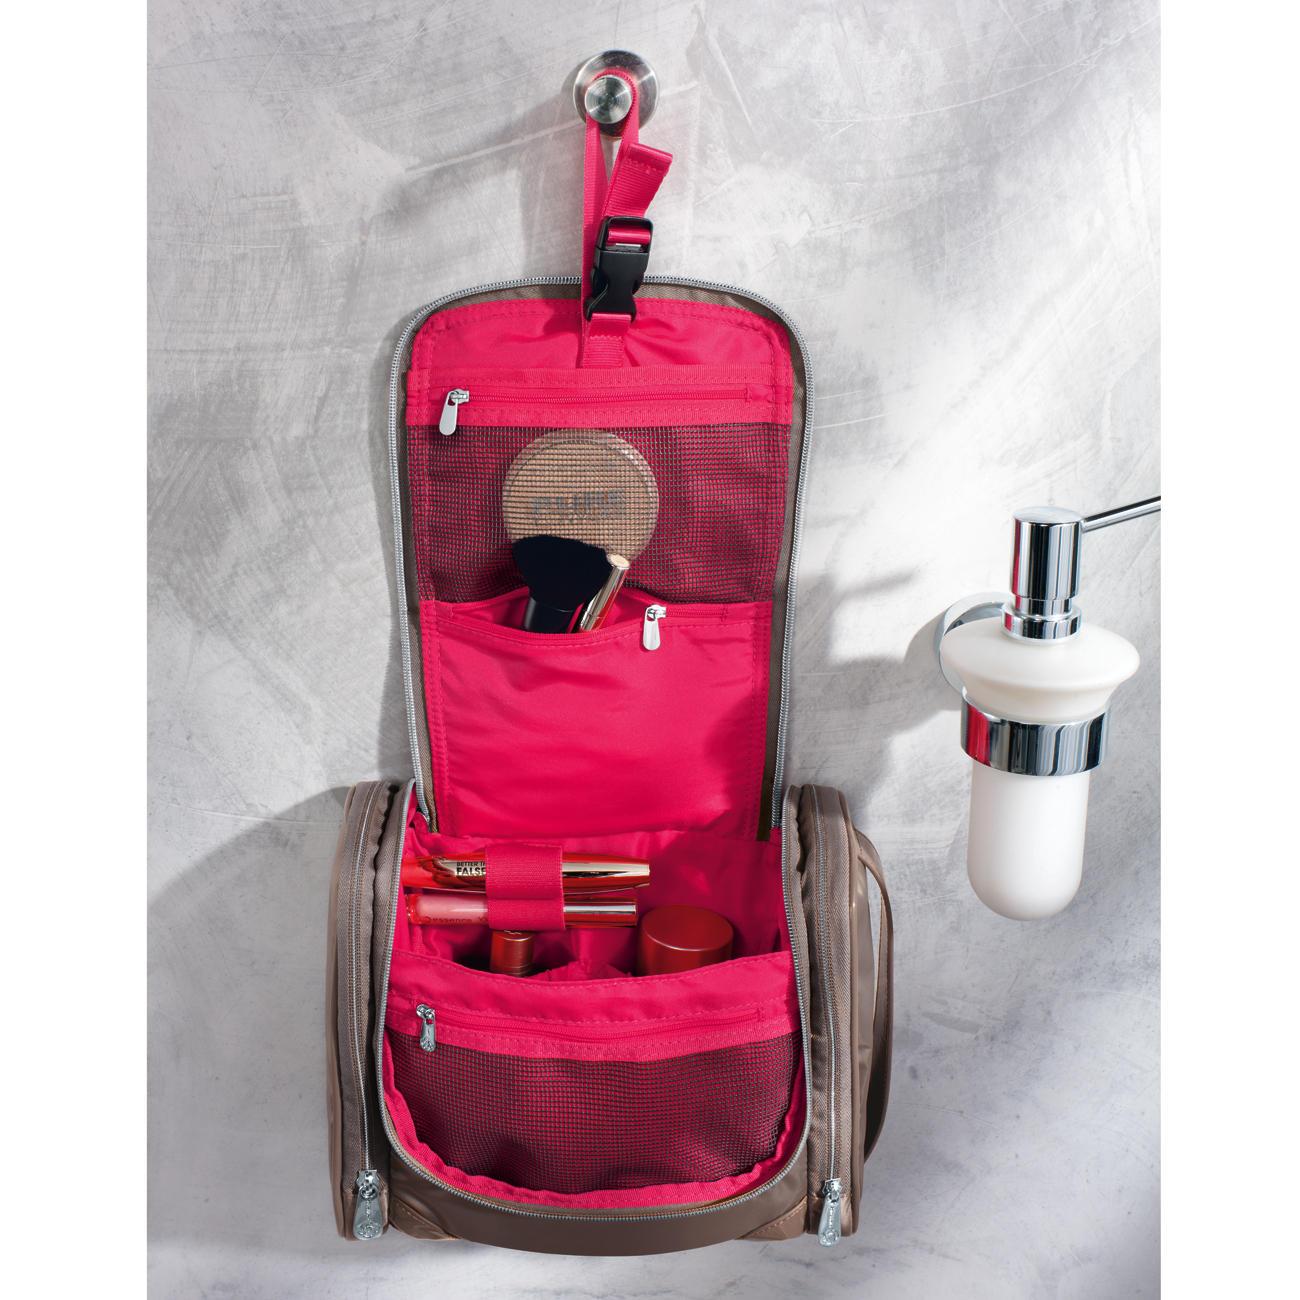 Buy Samsonite 174 Toiletries Bag Or Cosmetic Case Online